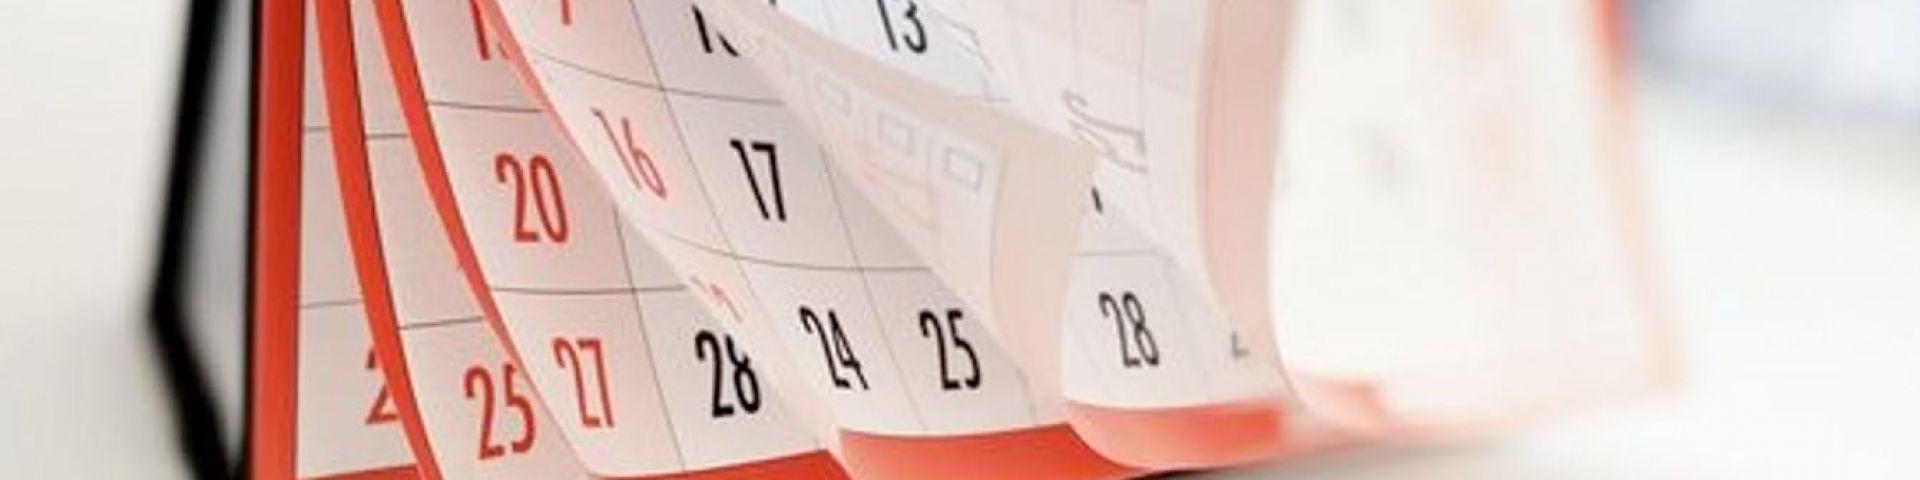 Ulisse - Il camper dell'orientamento - Calendario